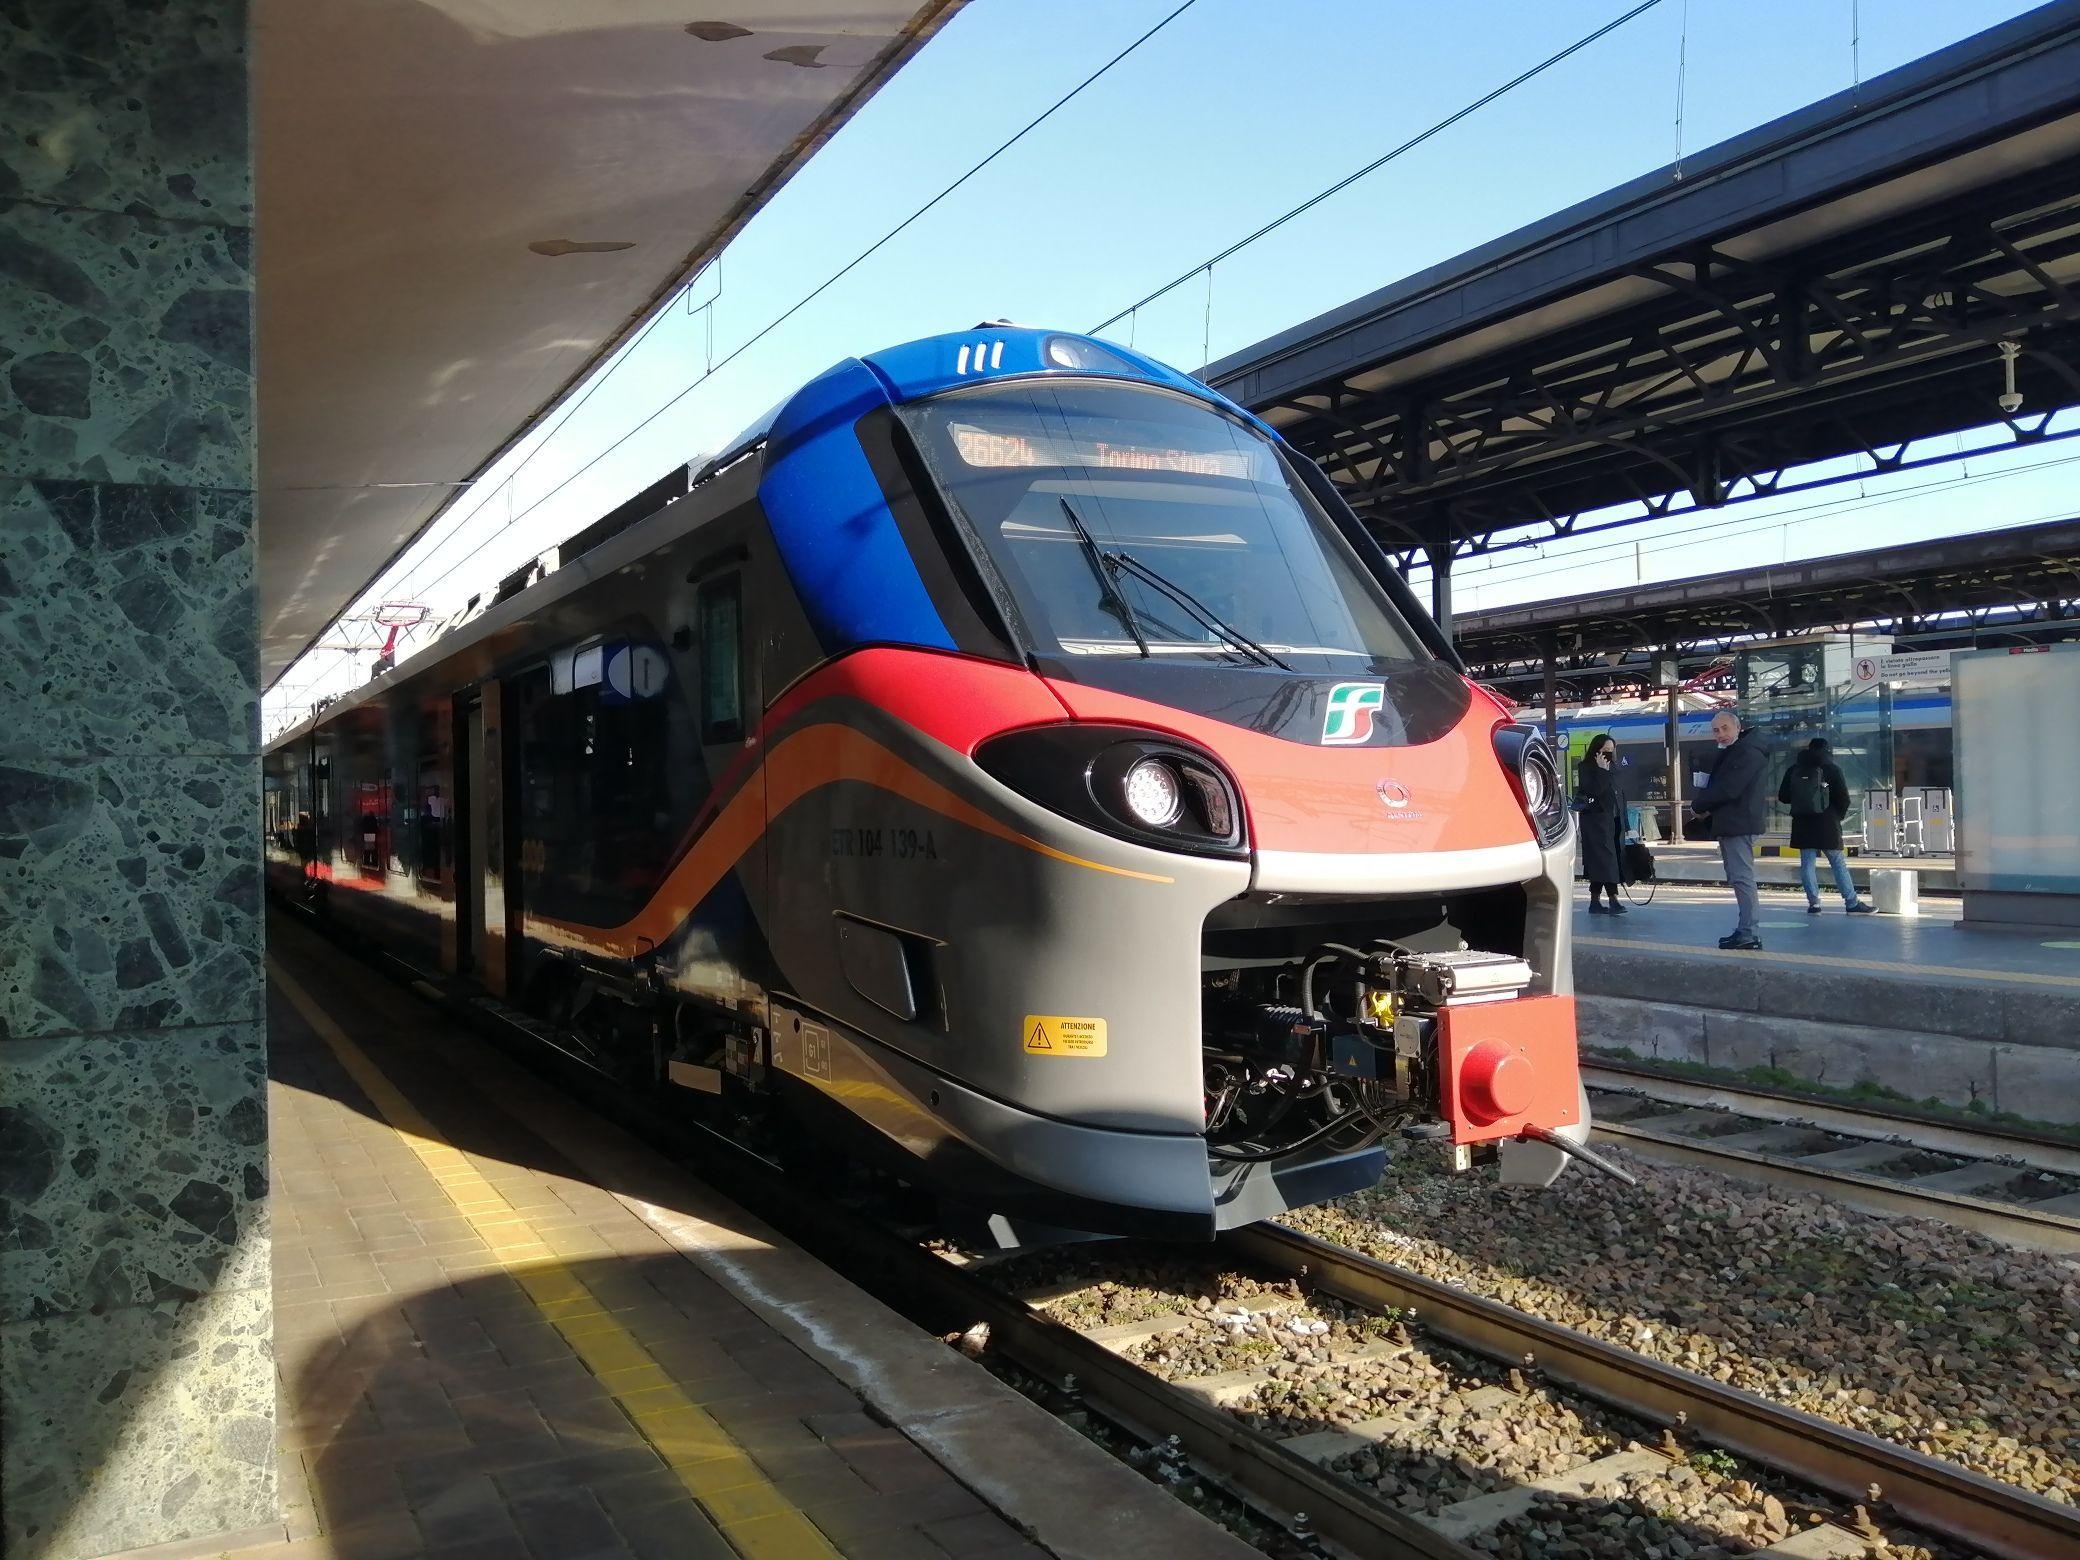 TROFARELLO - Al via gli interventi di potenziamento della linea ferroviaria Trofarello-San Giuseppe di Cairo